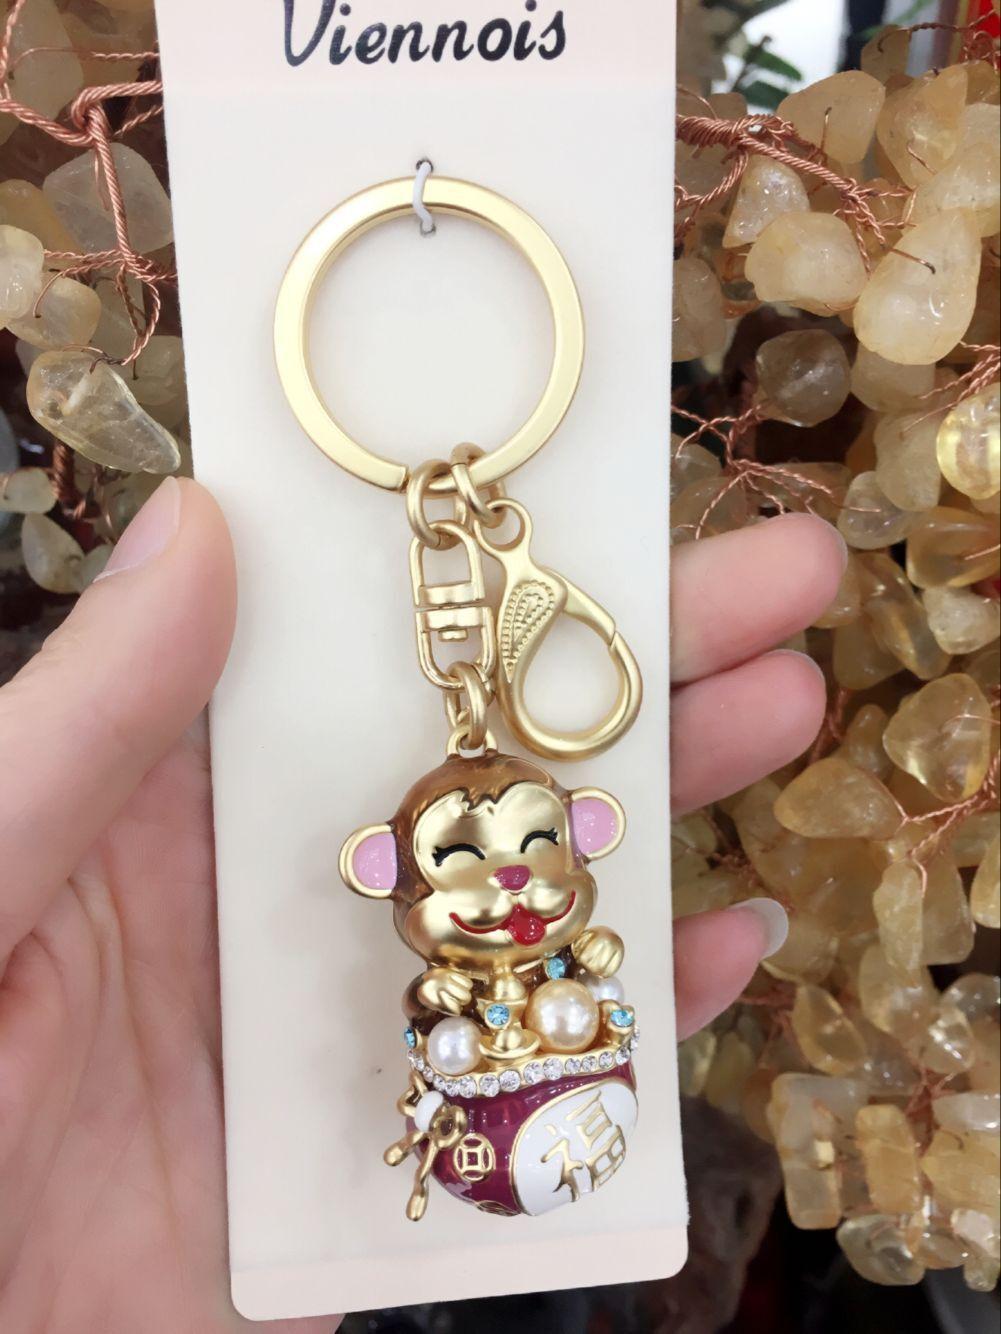 正品viennois威妮华创意礼品镶钻十二生肖猴精美钥匙扣配饰品混批